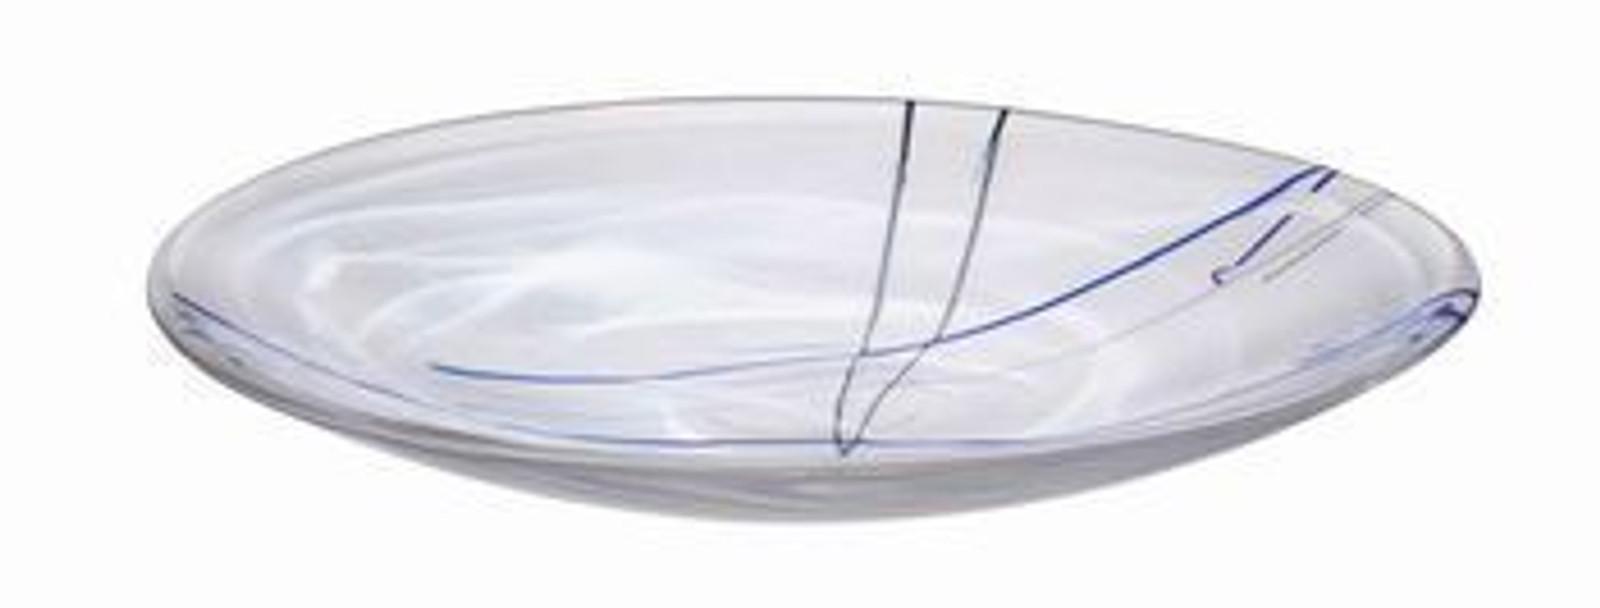 Kosta Boda Contrast White Platter